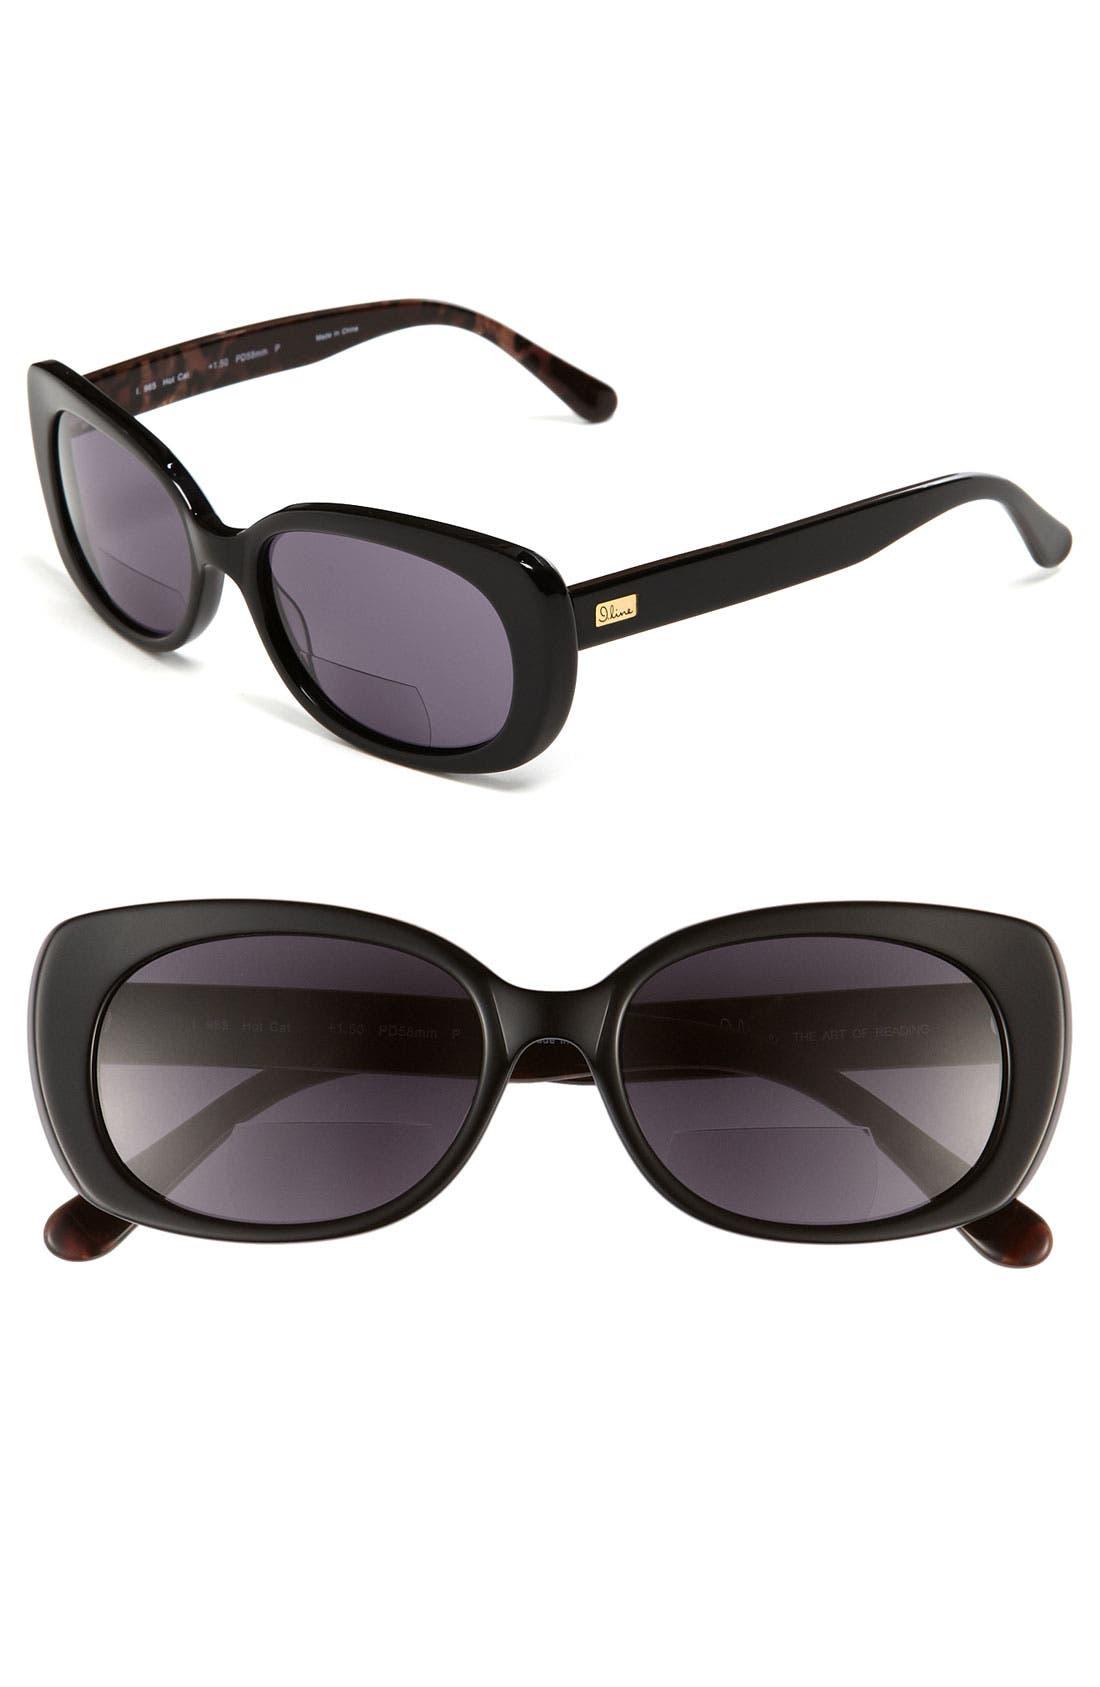 Alternate Image 1 Selected - I Line Eyewear 'Hot Cat' Reading Sunglasses